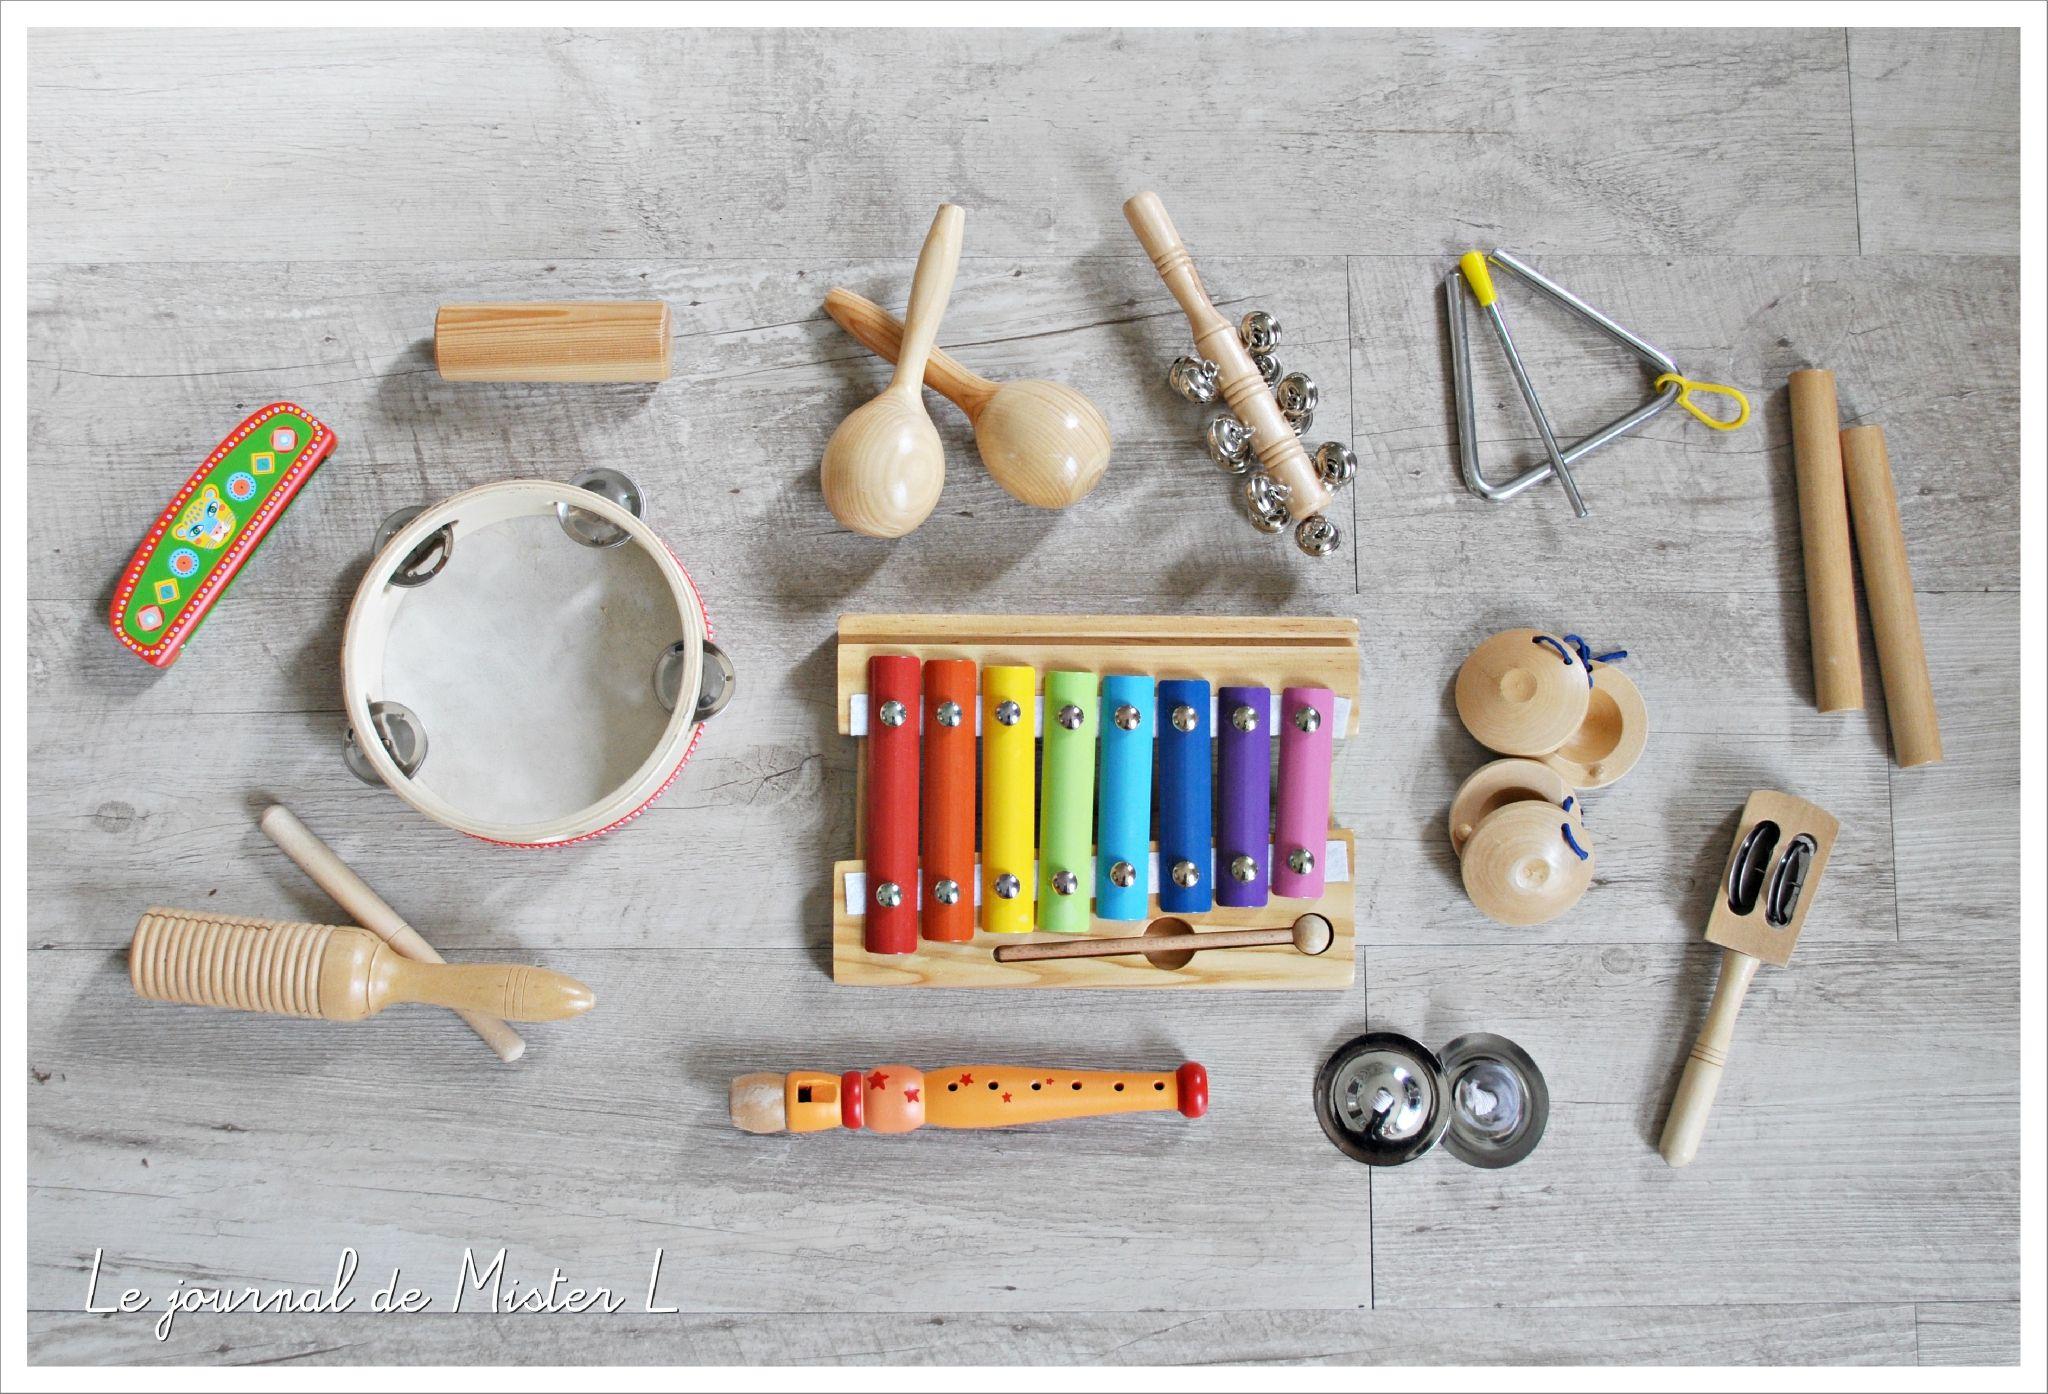 Les Instruments De Musique Pour Tout-Petit - Le Journal De avec Jeux En Ligne Tout Petit